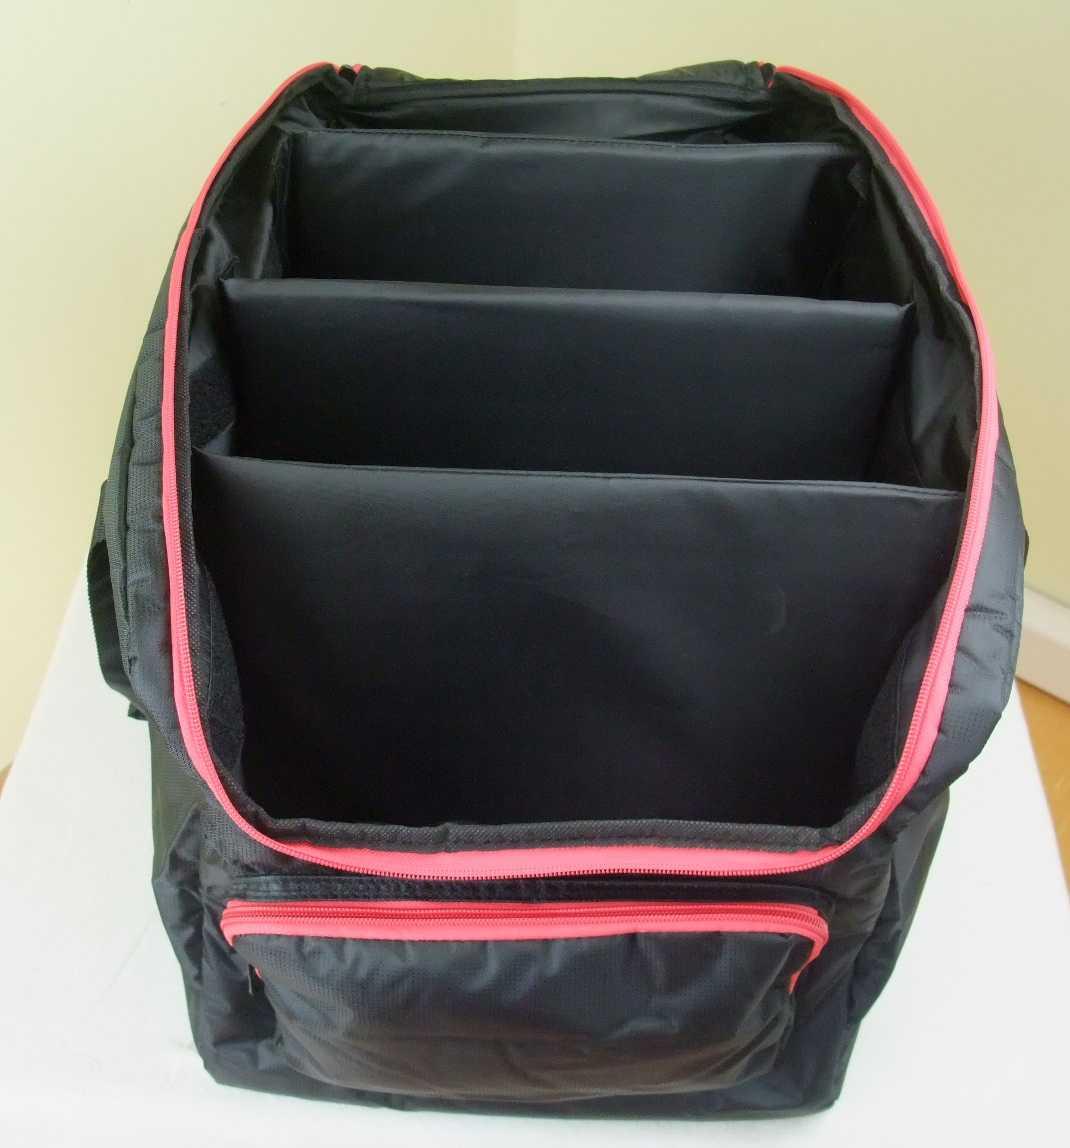 45 x 34 x 23 cm Transporttasche GAC417 Gerätetasche Tragetasche Werkzeugtasche